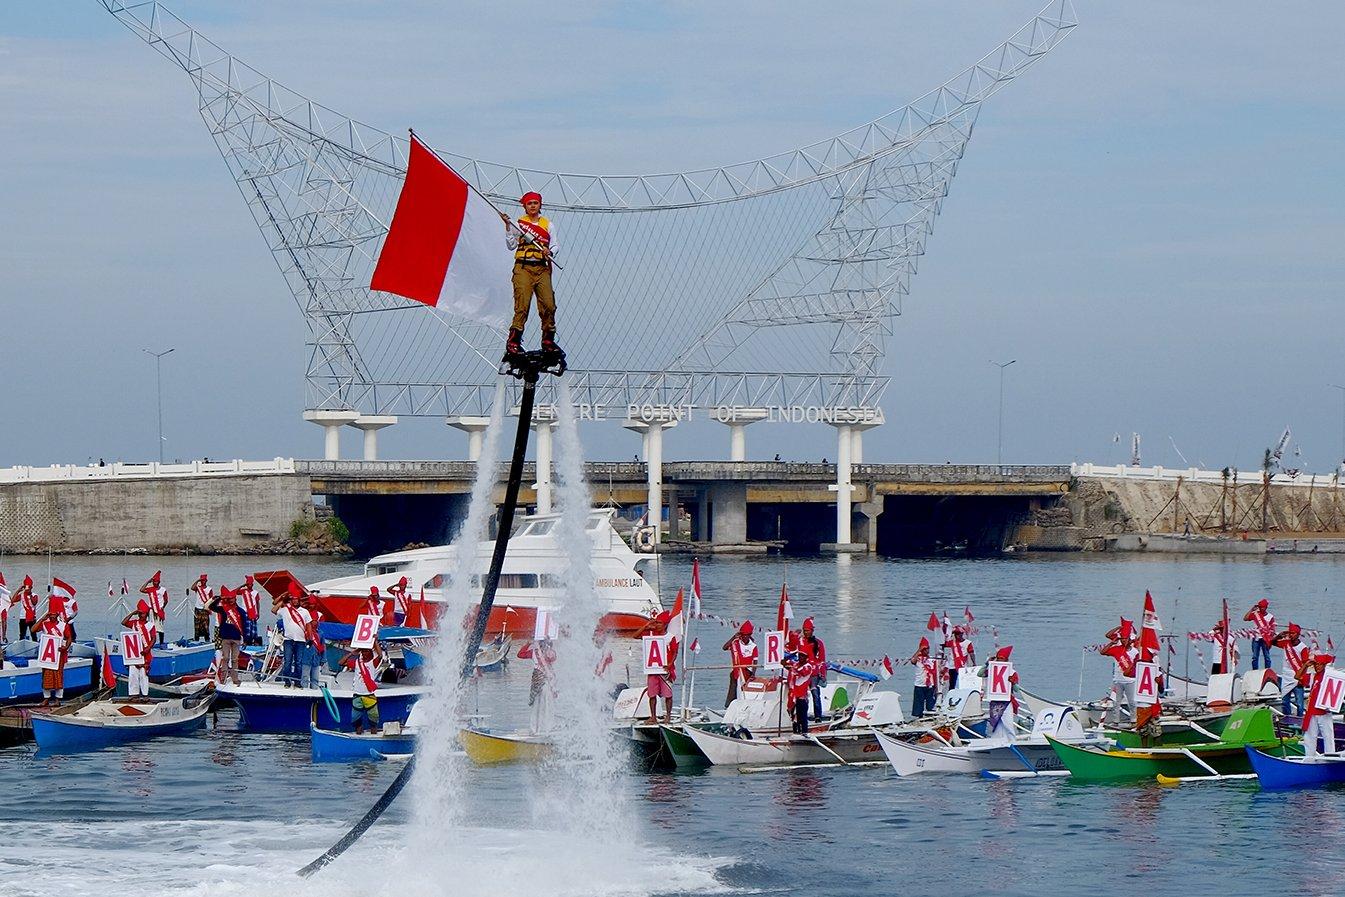 Sejumlah nelayan melaksanakan upacara pengibaran bendera di Pantai Losari, Makassar, Kamis (17/8). Acara yang diikuti ratusan nelayan itu dalam rangka memperingati HUT ke-72 RI.